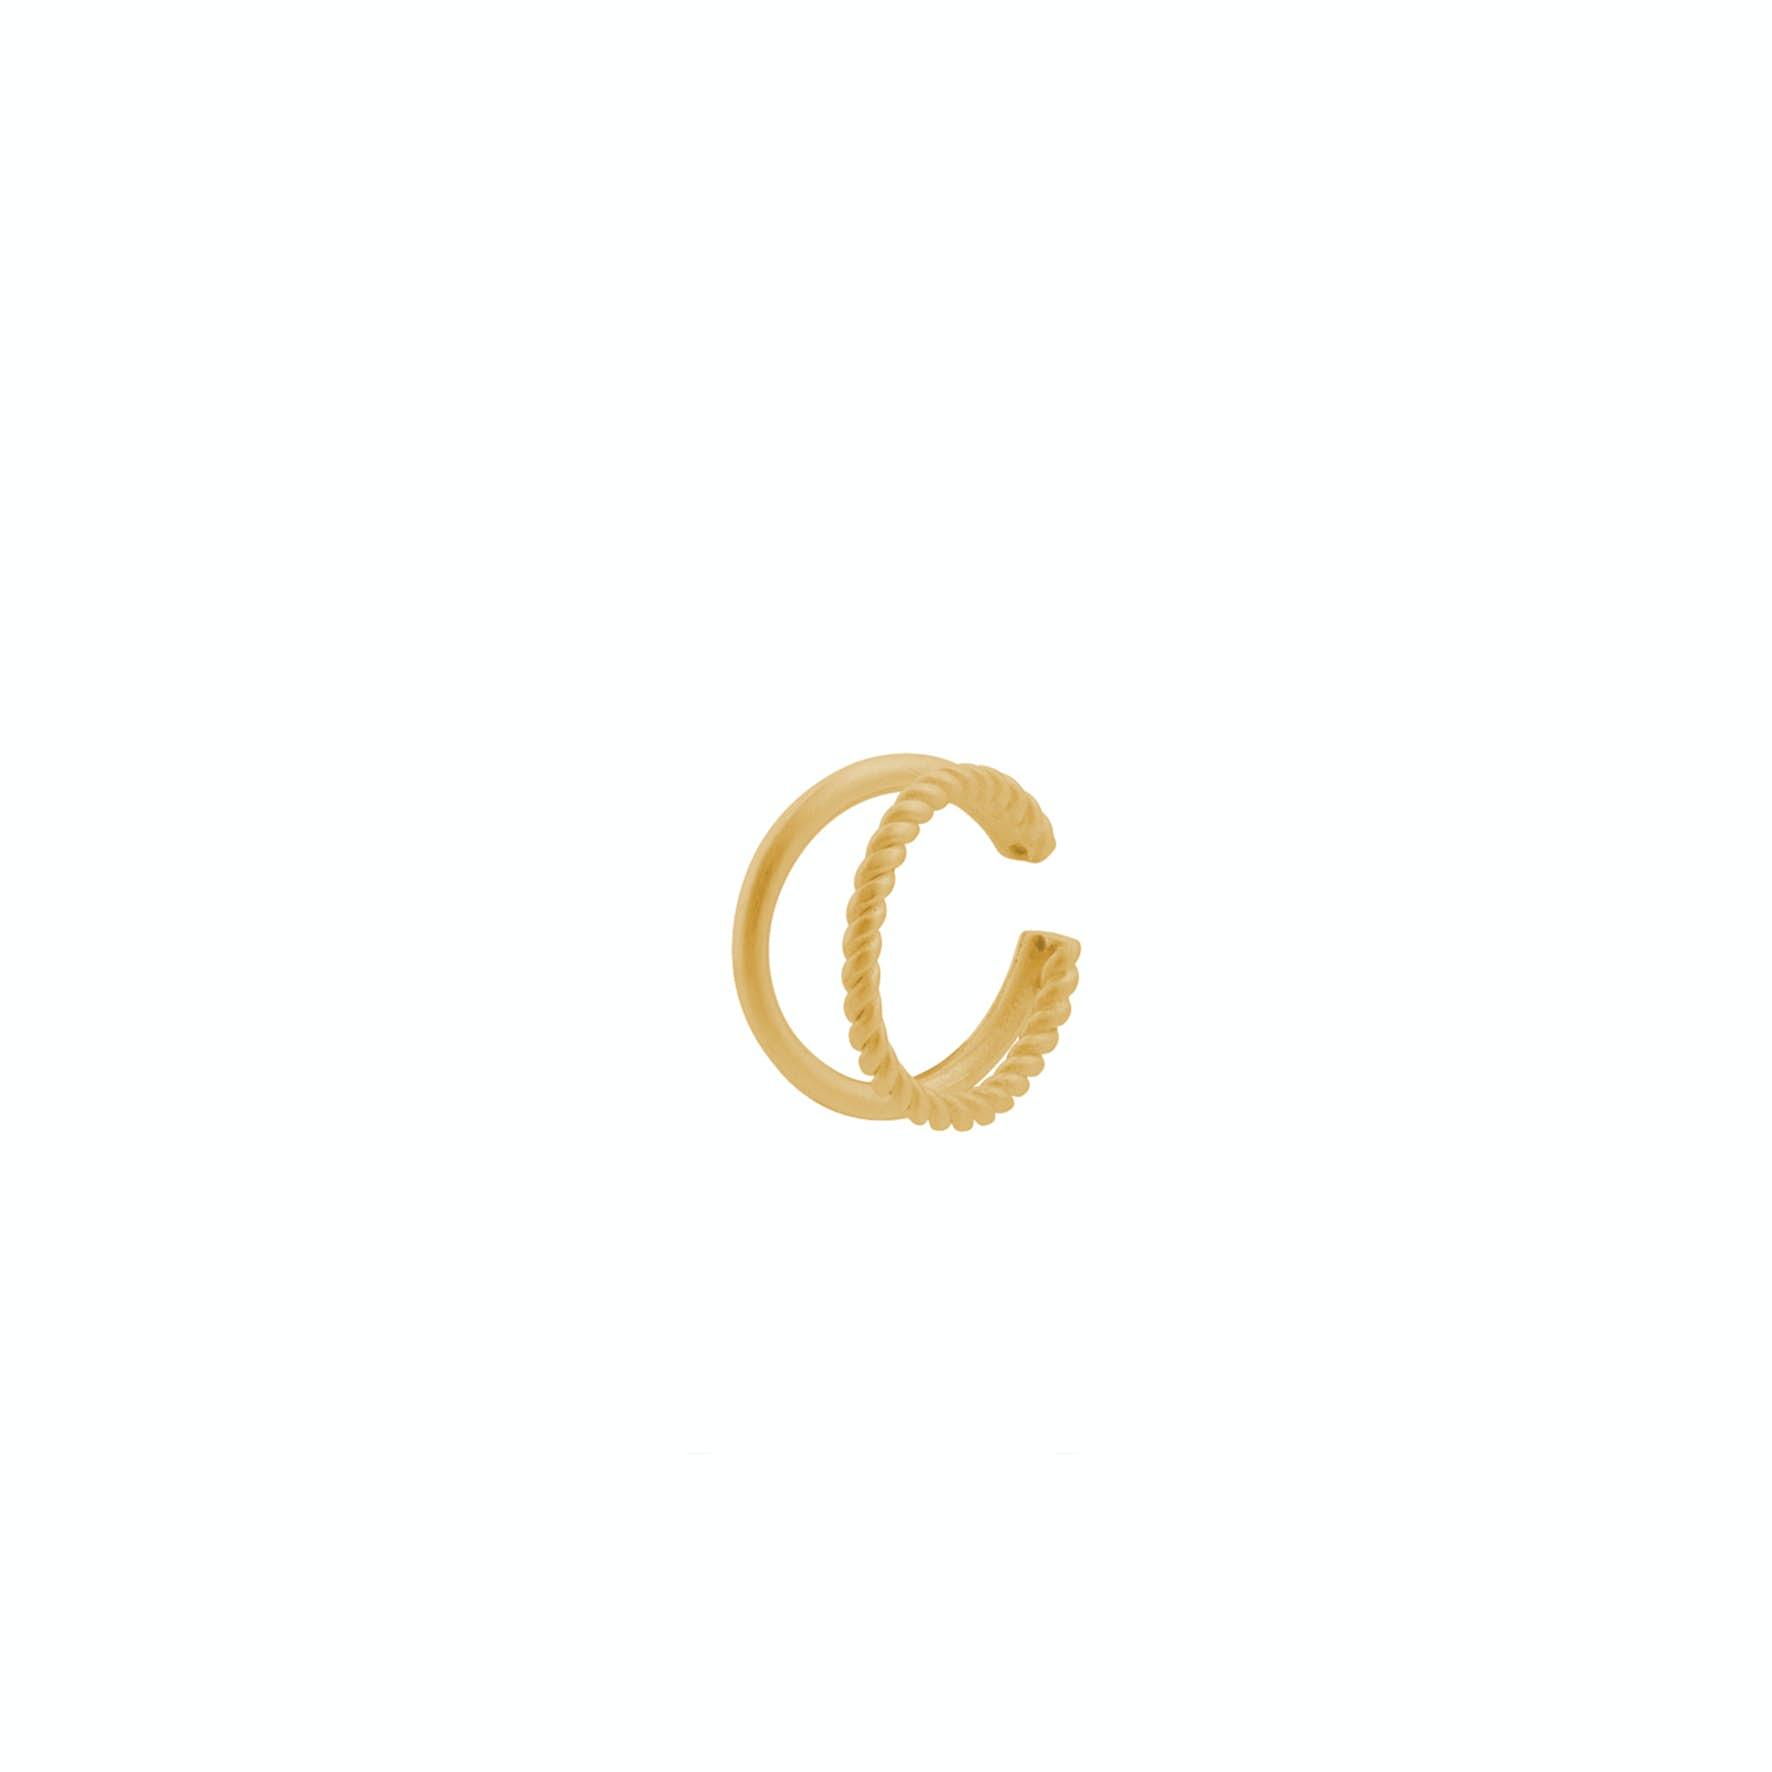 Maze Earcuff fra Pernille Corydon i Forgylt-Sølv Sterling 925